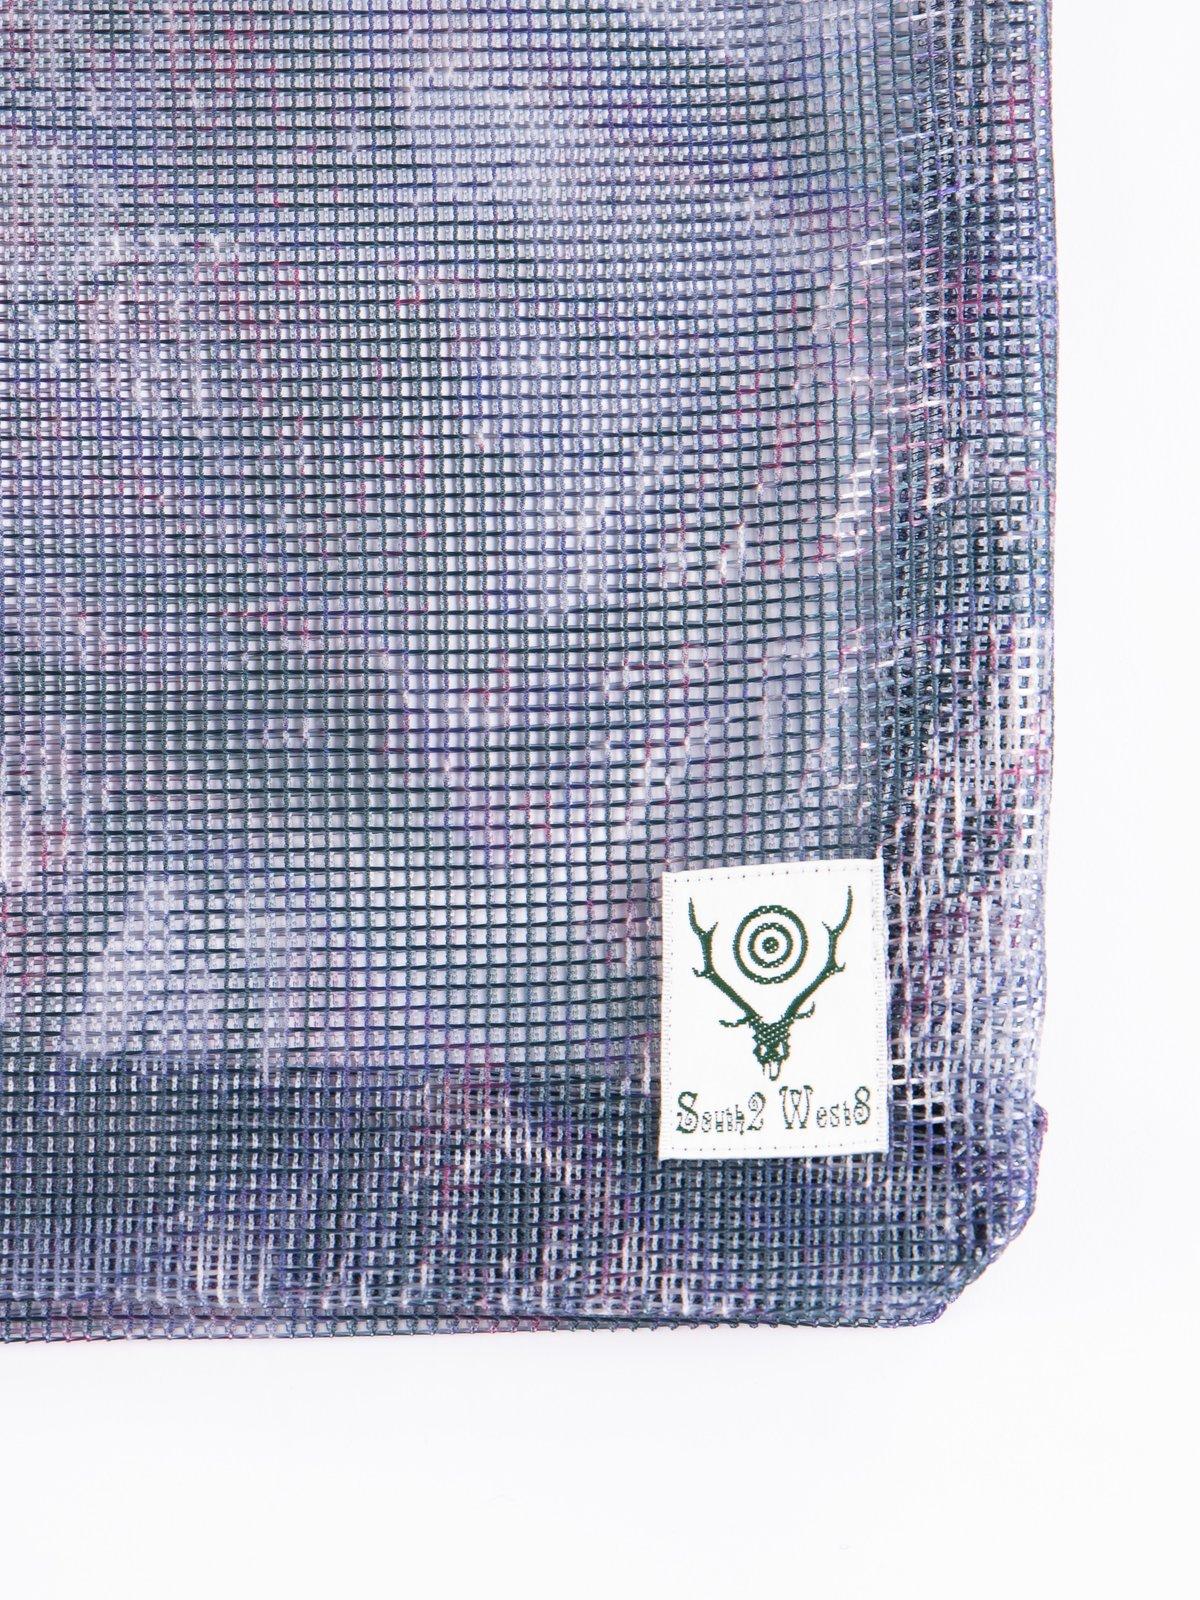 Camo Poly Mesh Grocery Bag - Image 2